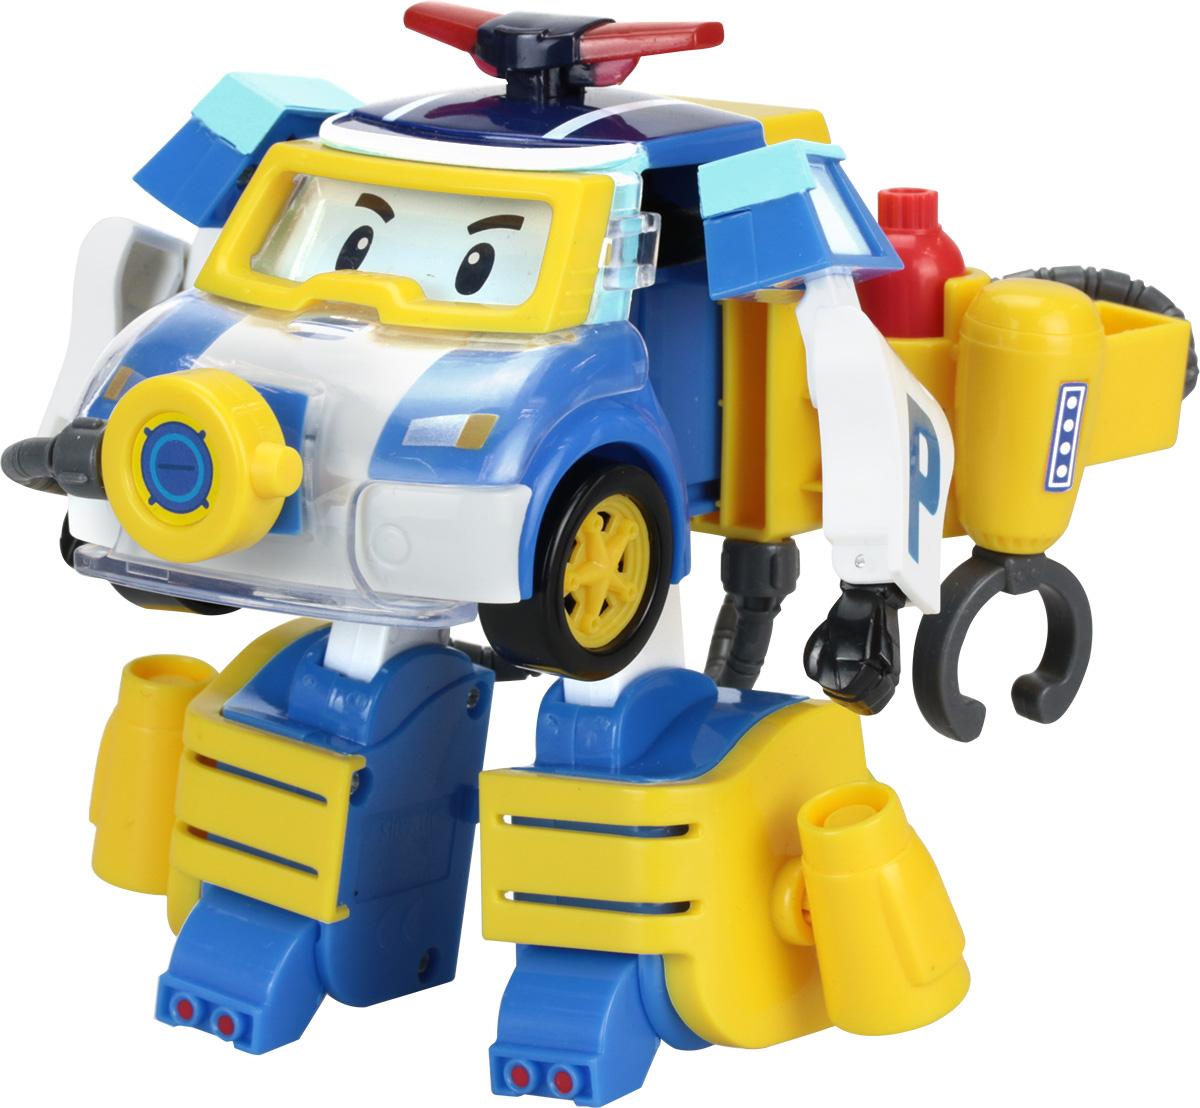 Robocar Poli Игрушка-трансформер Поли robocar poli робот трансформер на радиоуправлении поли